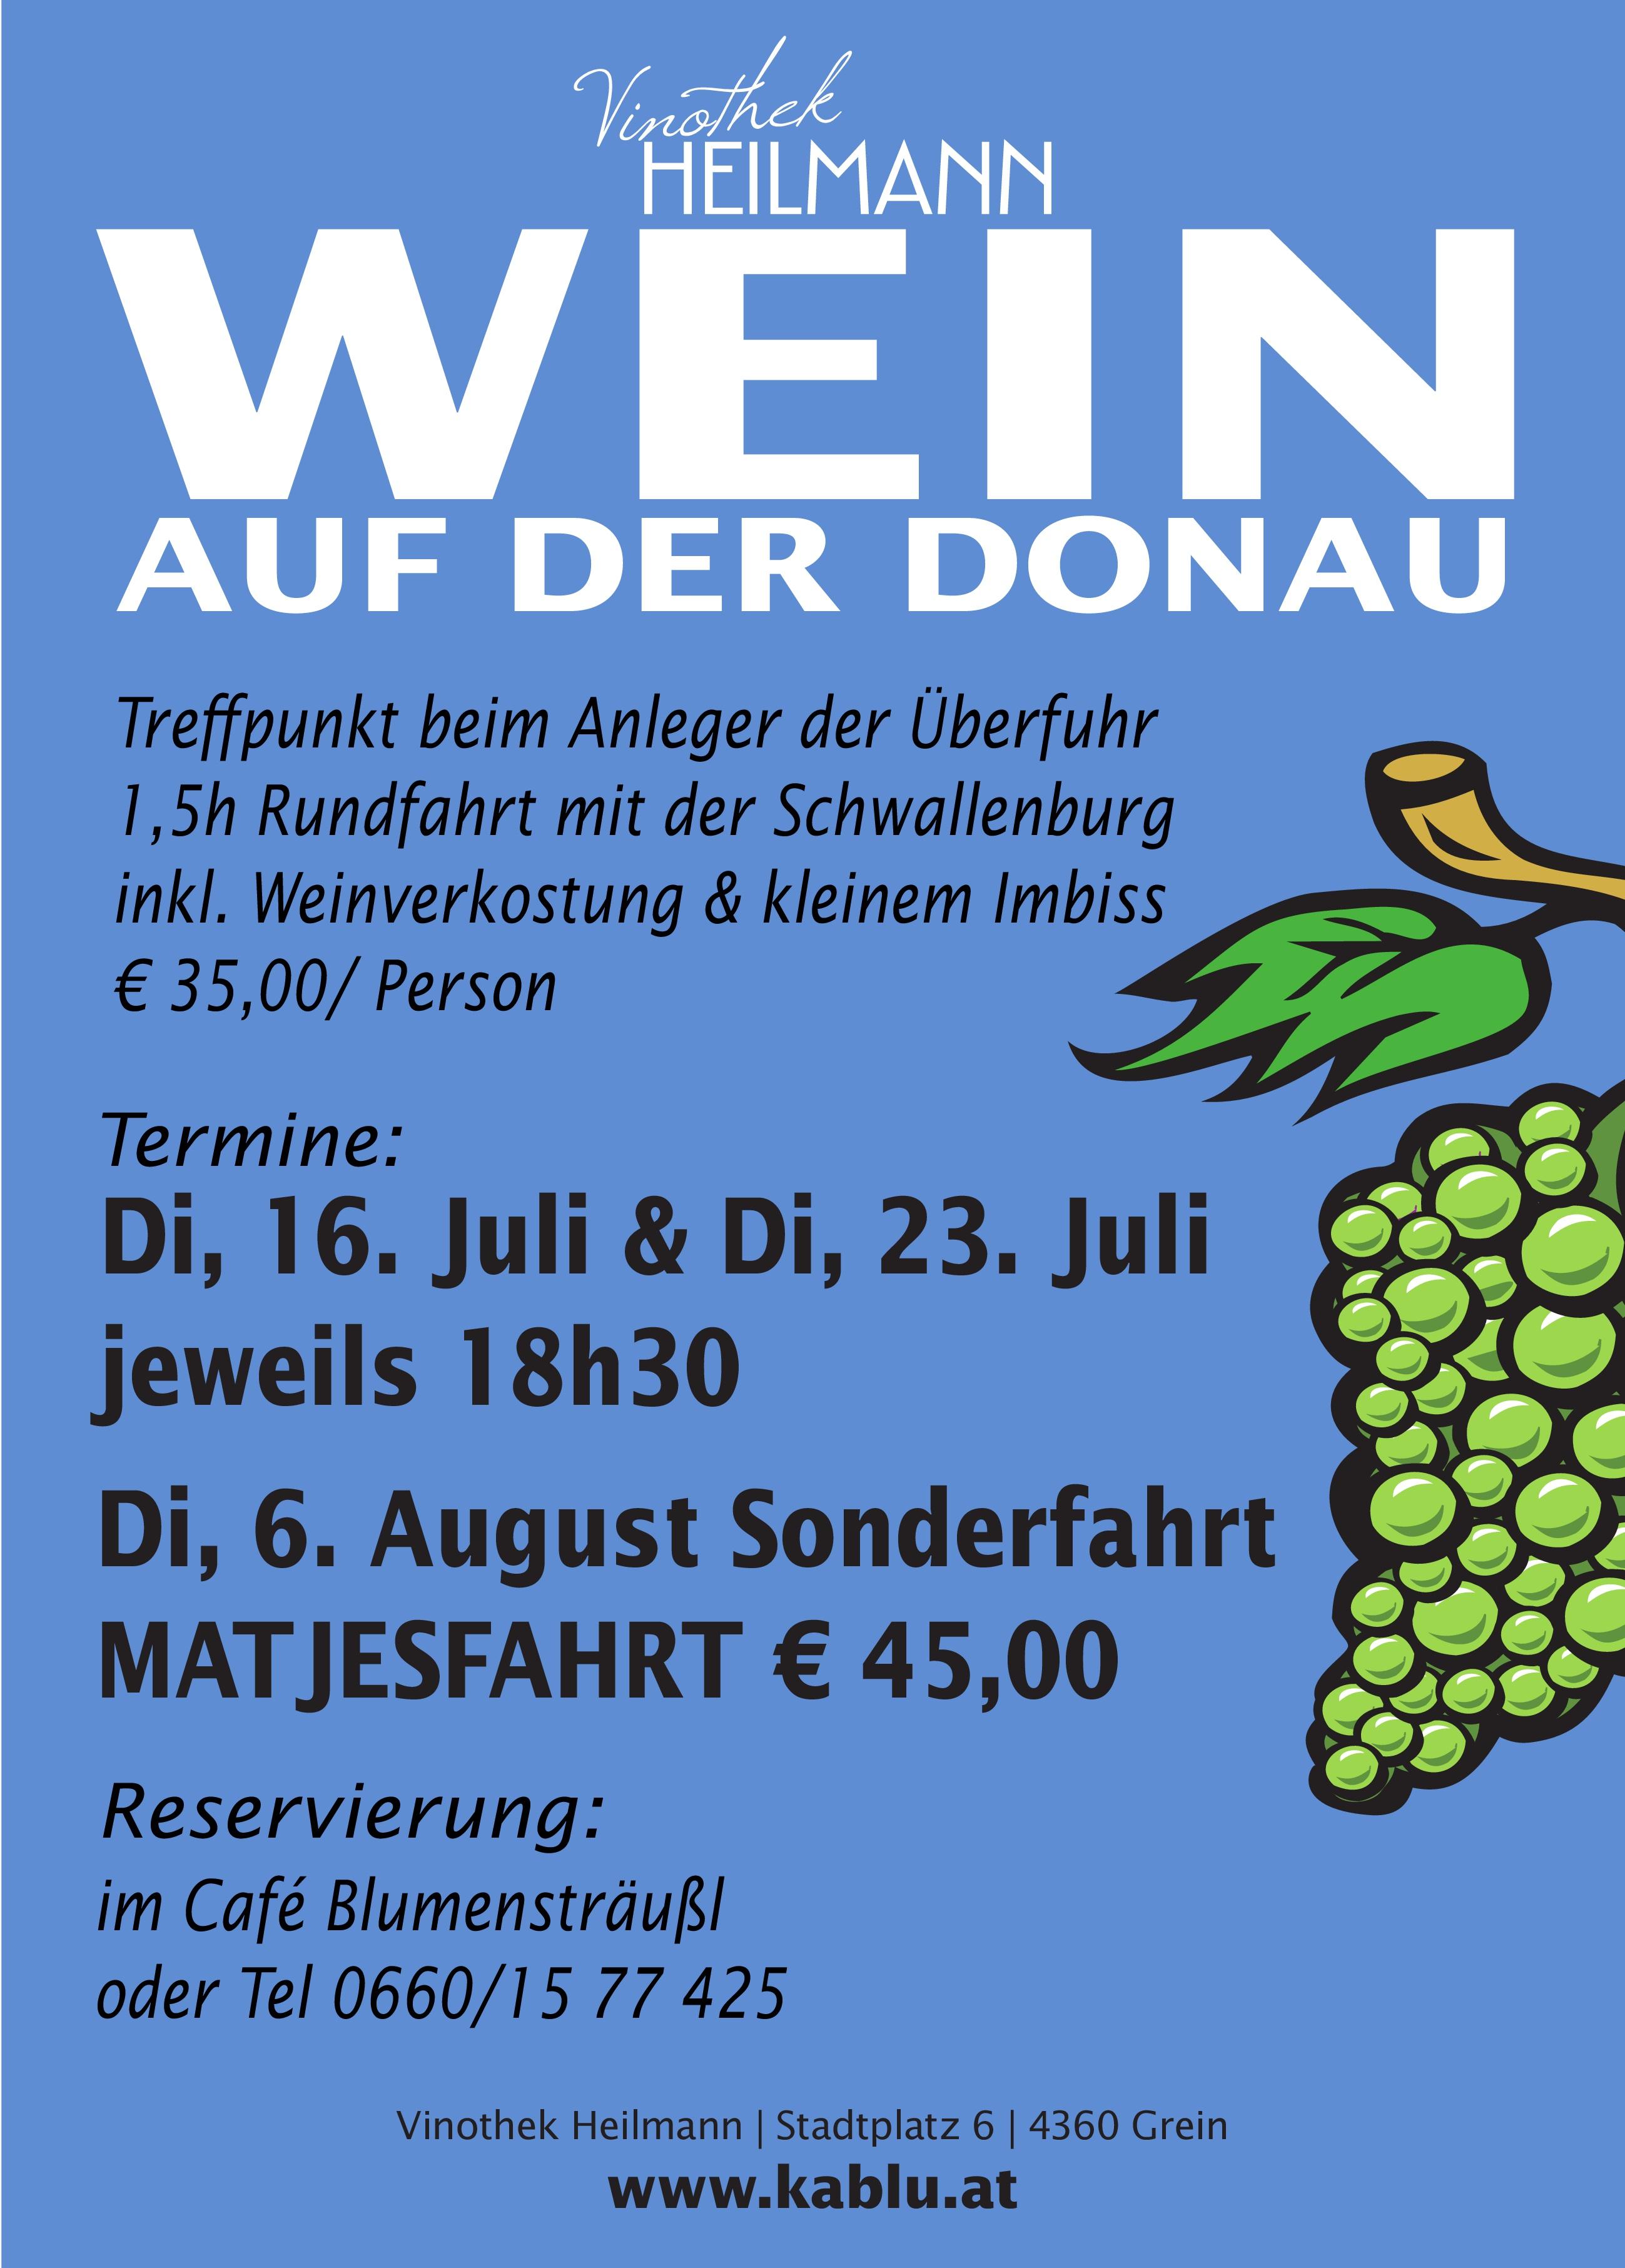 Wein auf der Donau 2019